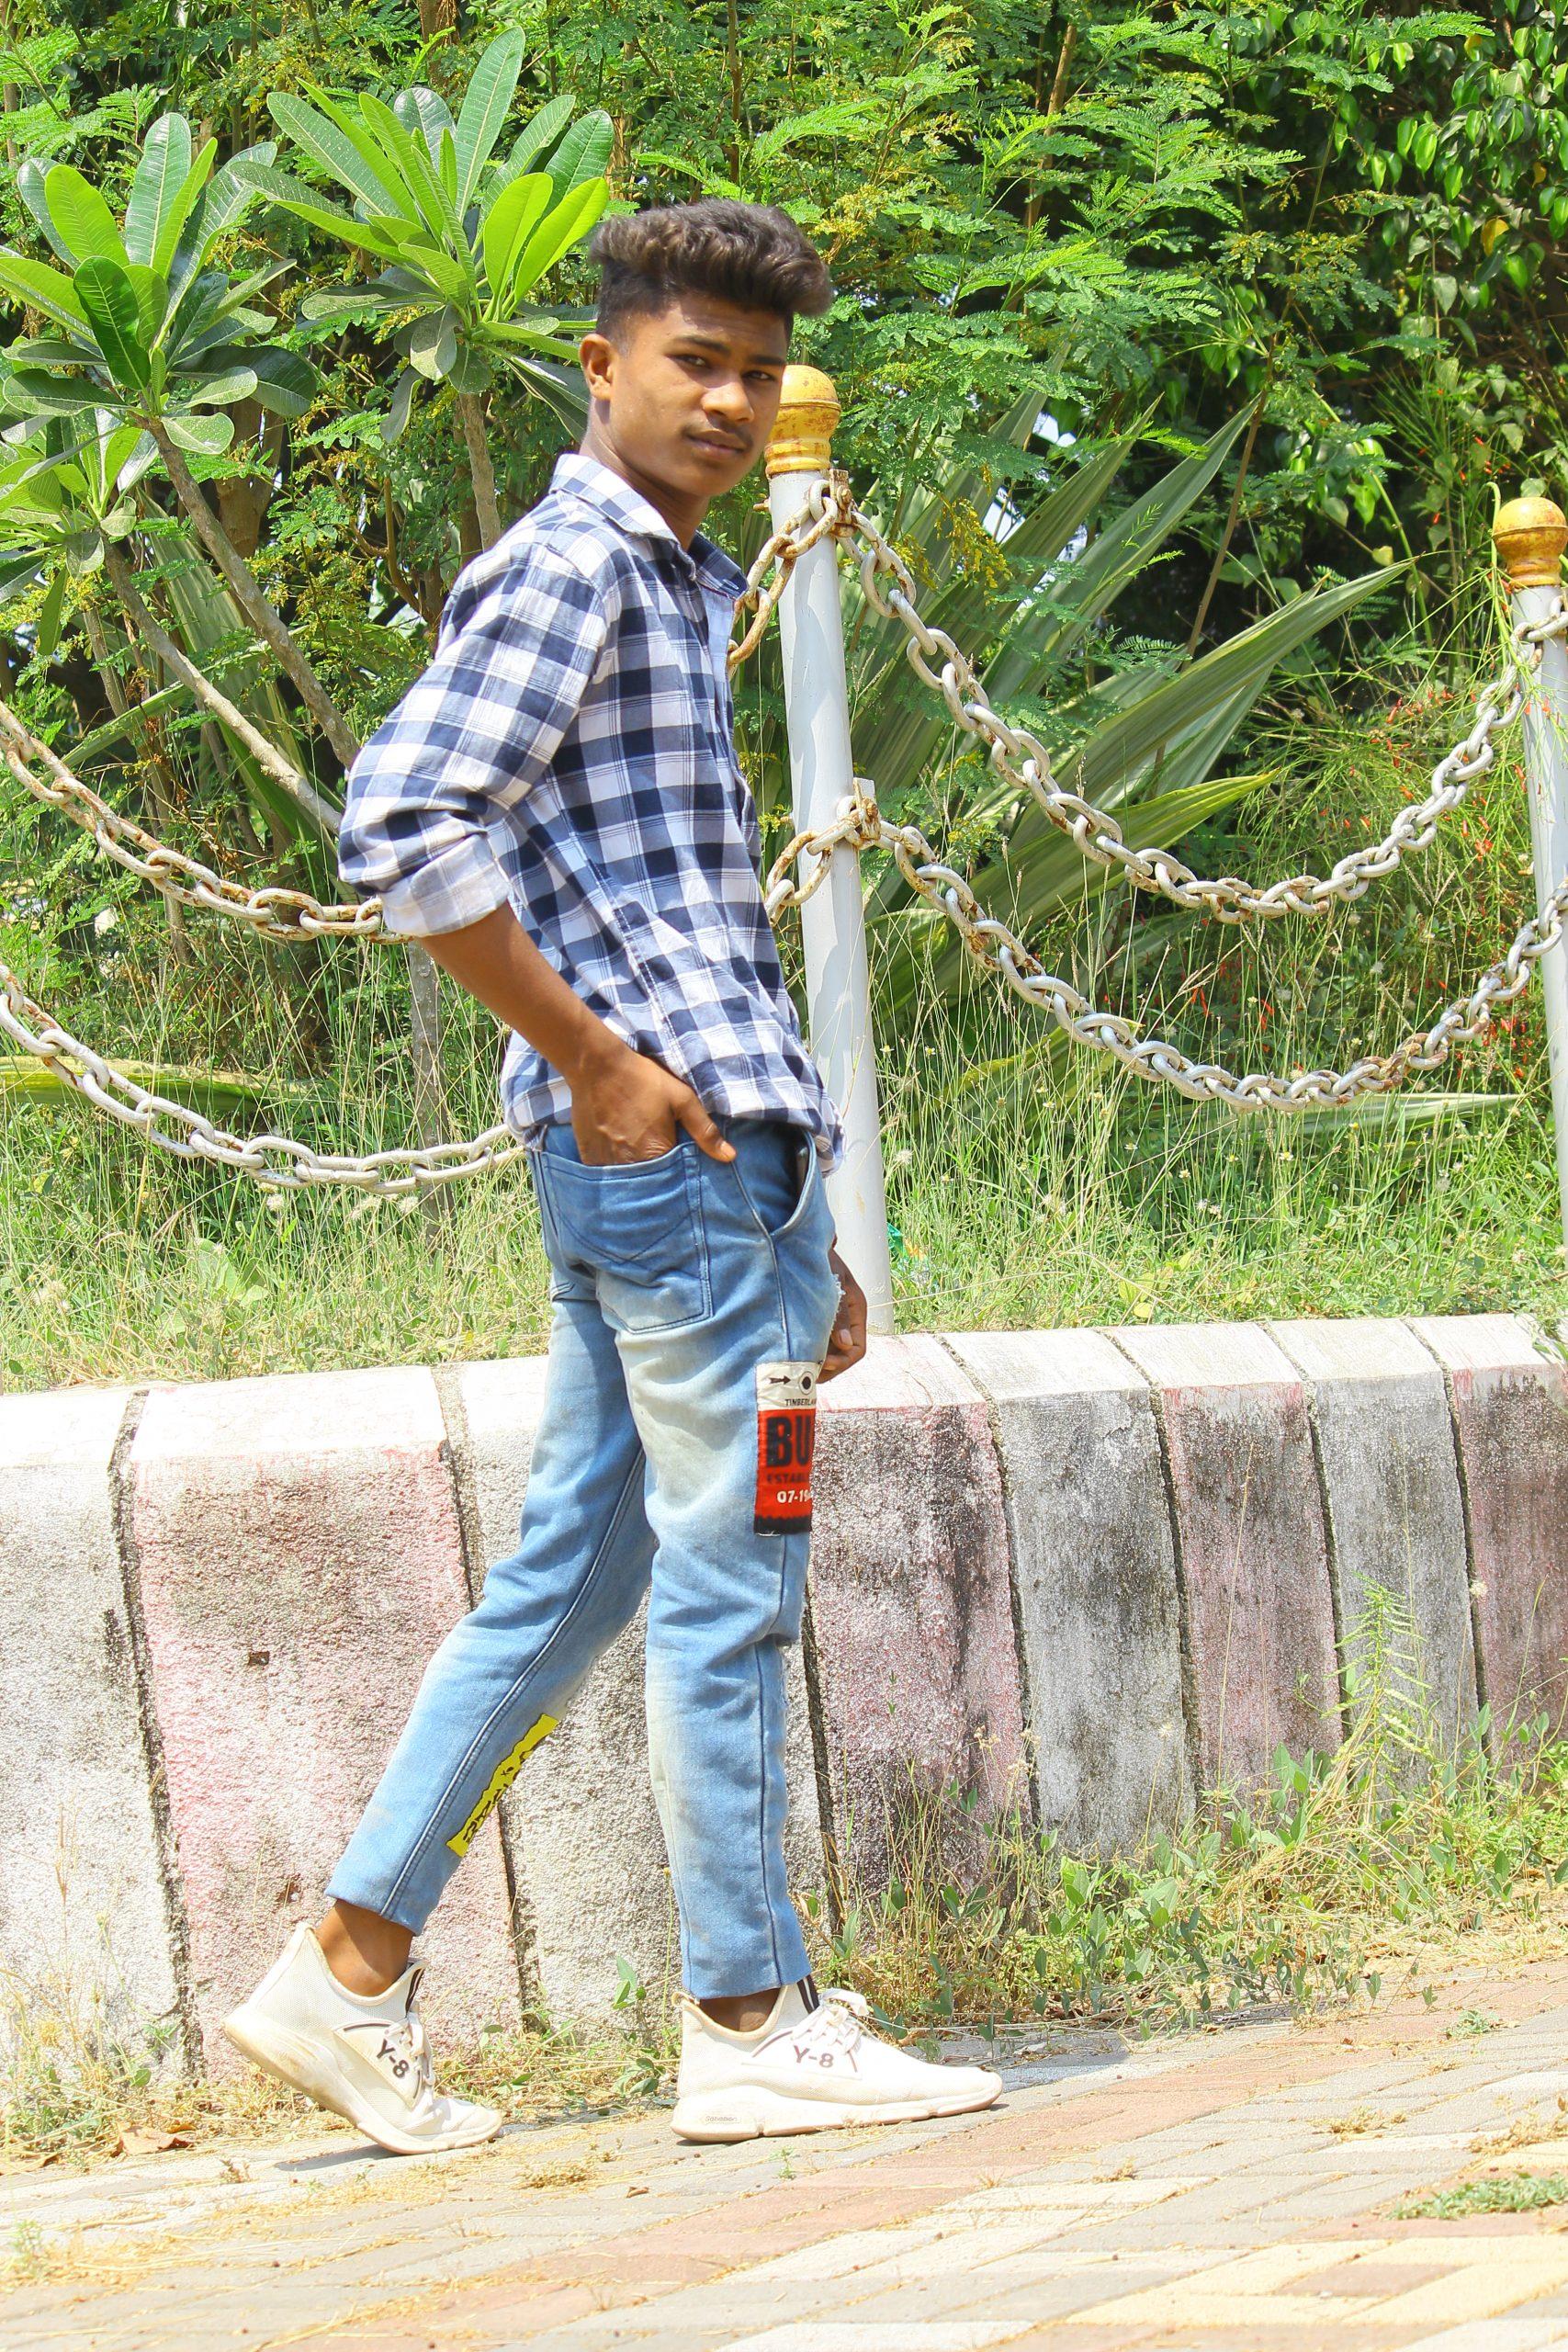 A stylish boy posing near the garden